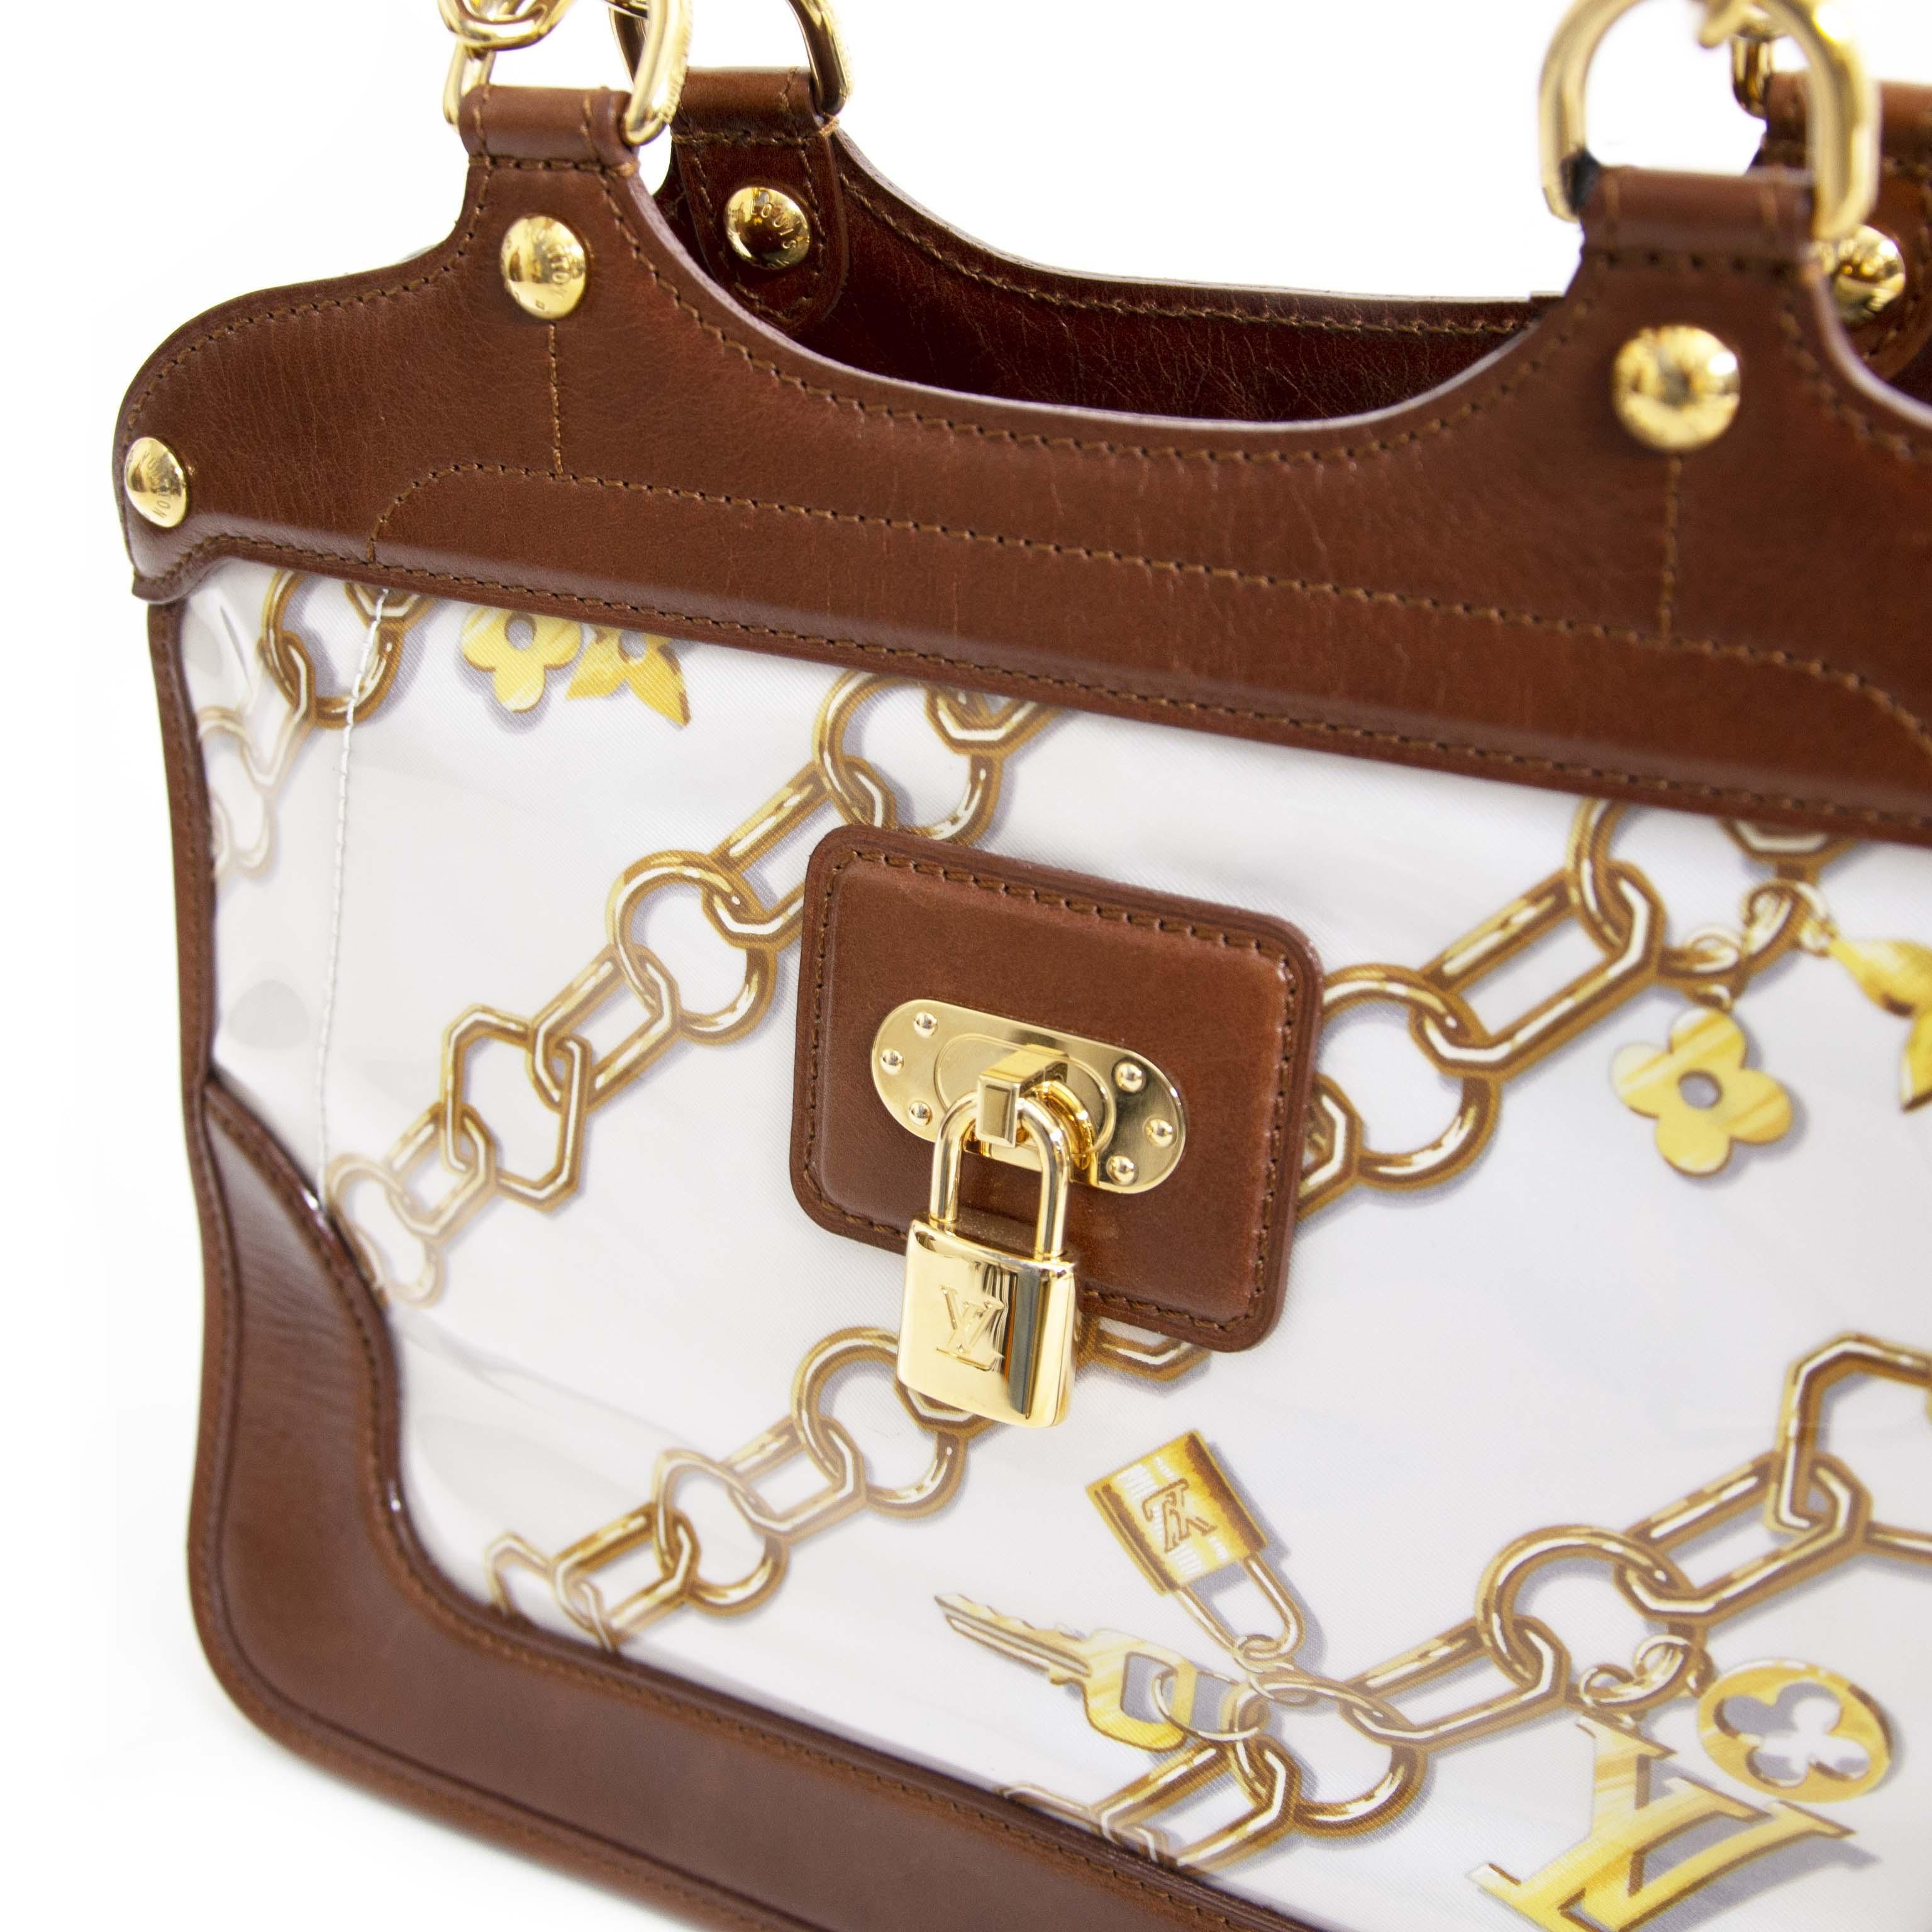 41cc1dbf6936 Louis Vuitton Limited Edition Monogram Charms Shoulder Bag · Louis Vuitton